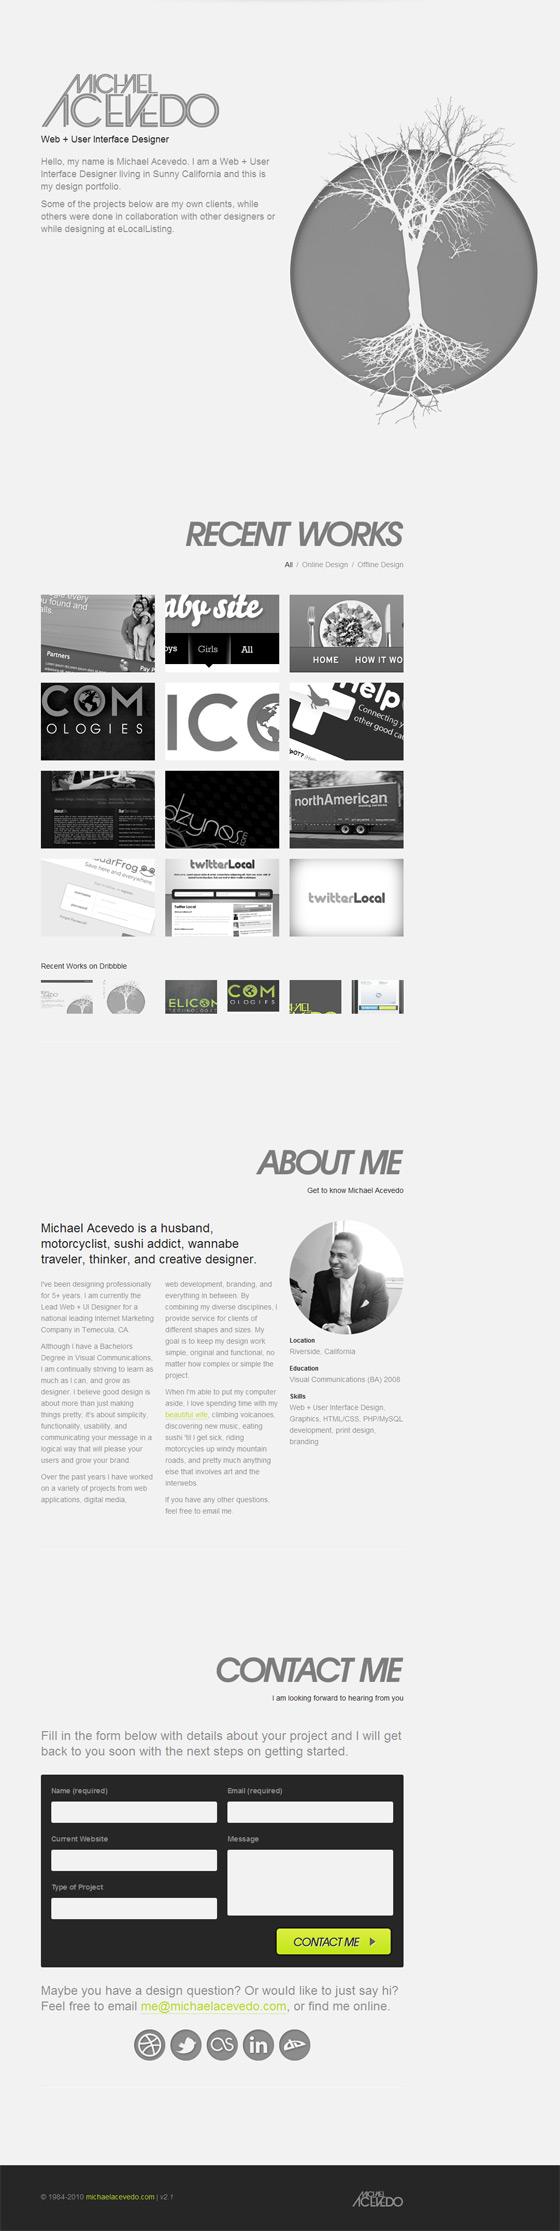 Michael Acevedo | Web Designer